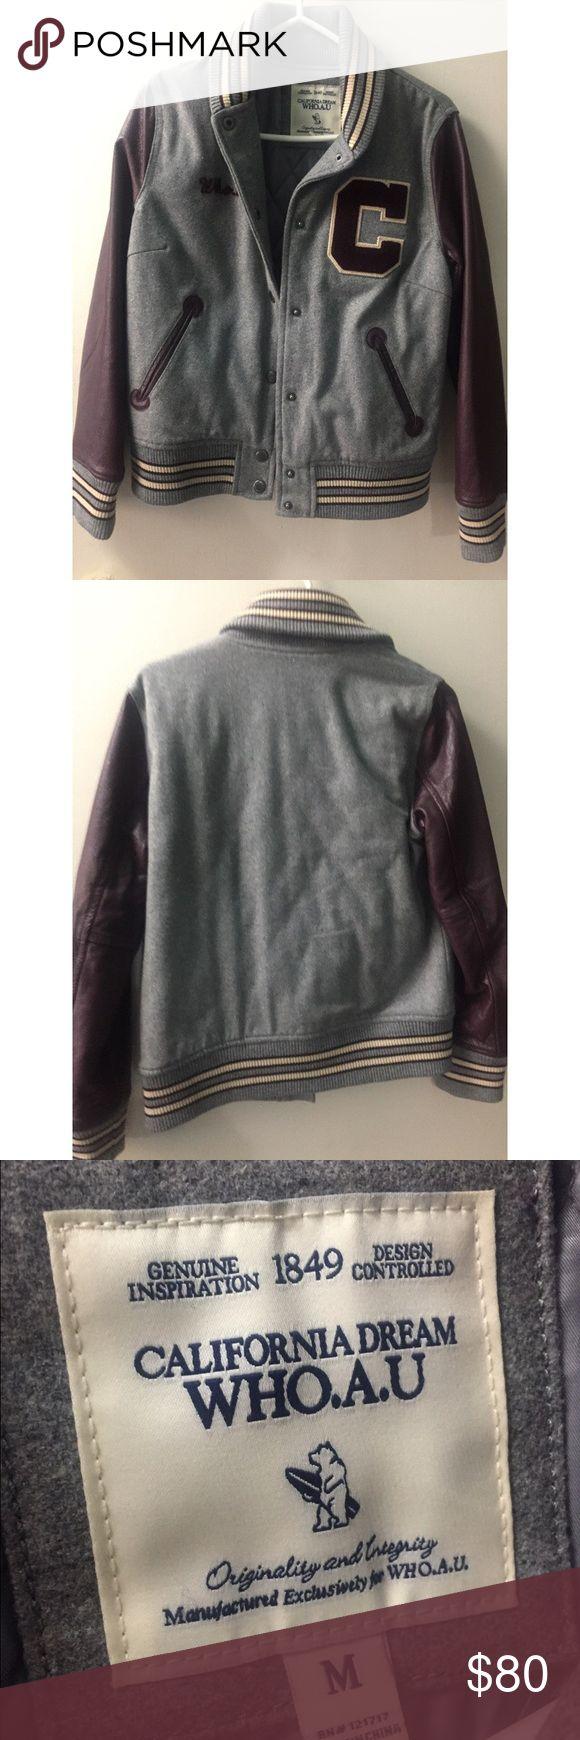 Varsity Jacket Purple & Grey Leather Varsity jacket Who. A. U Jackets & Coats Utility Jackets